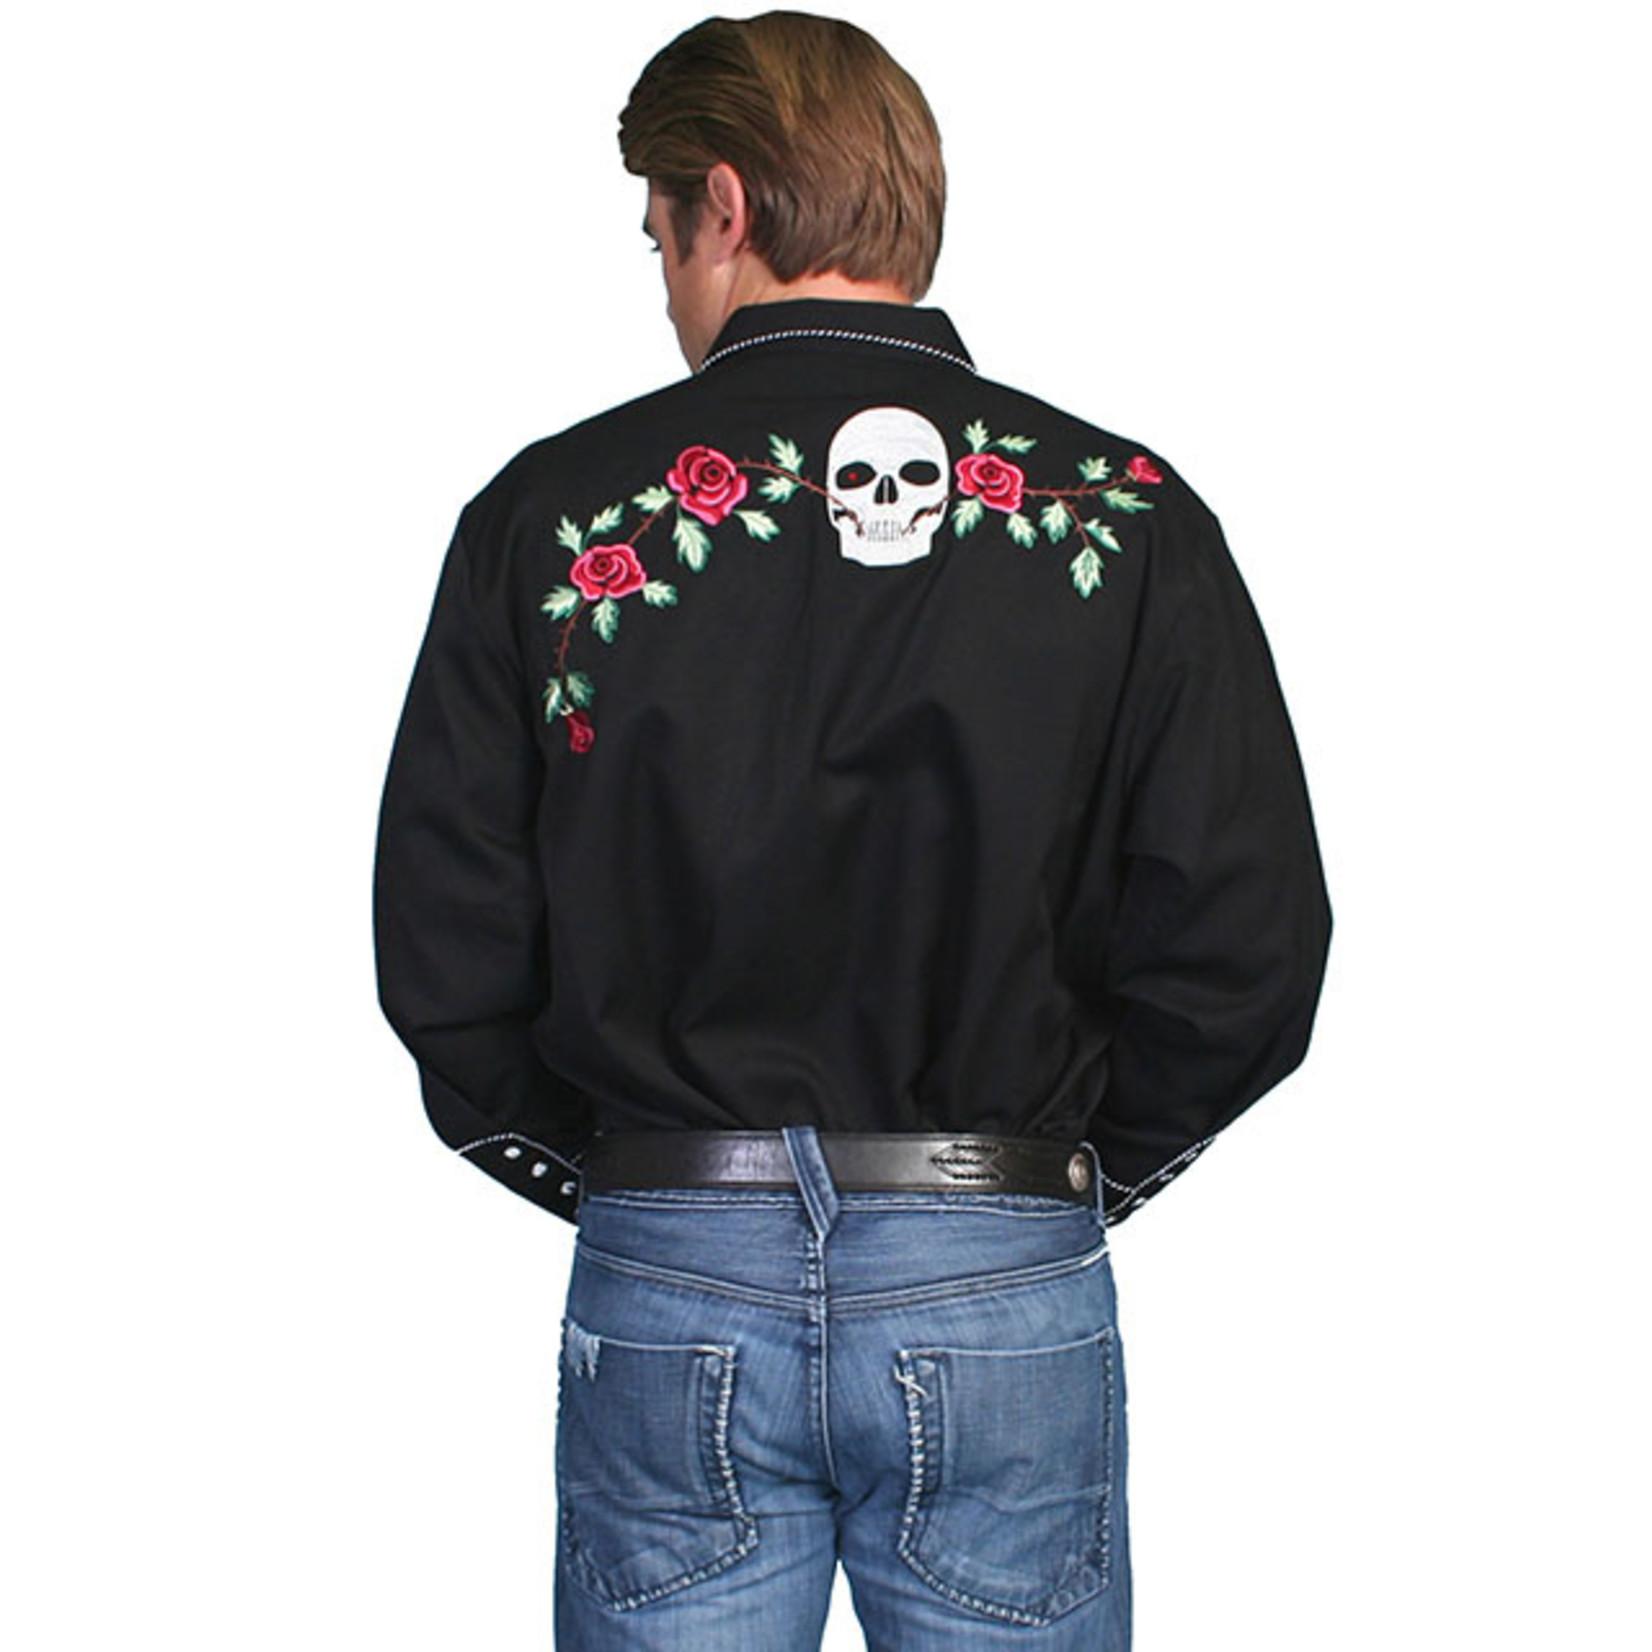 Men's Scully Roses & Skulls P-771